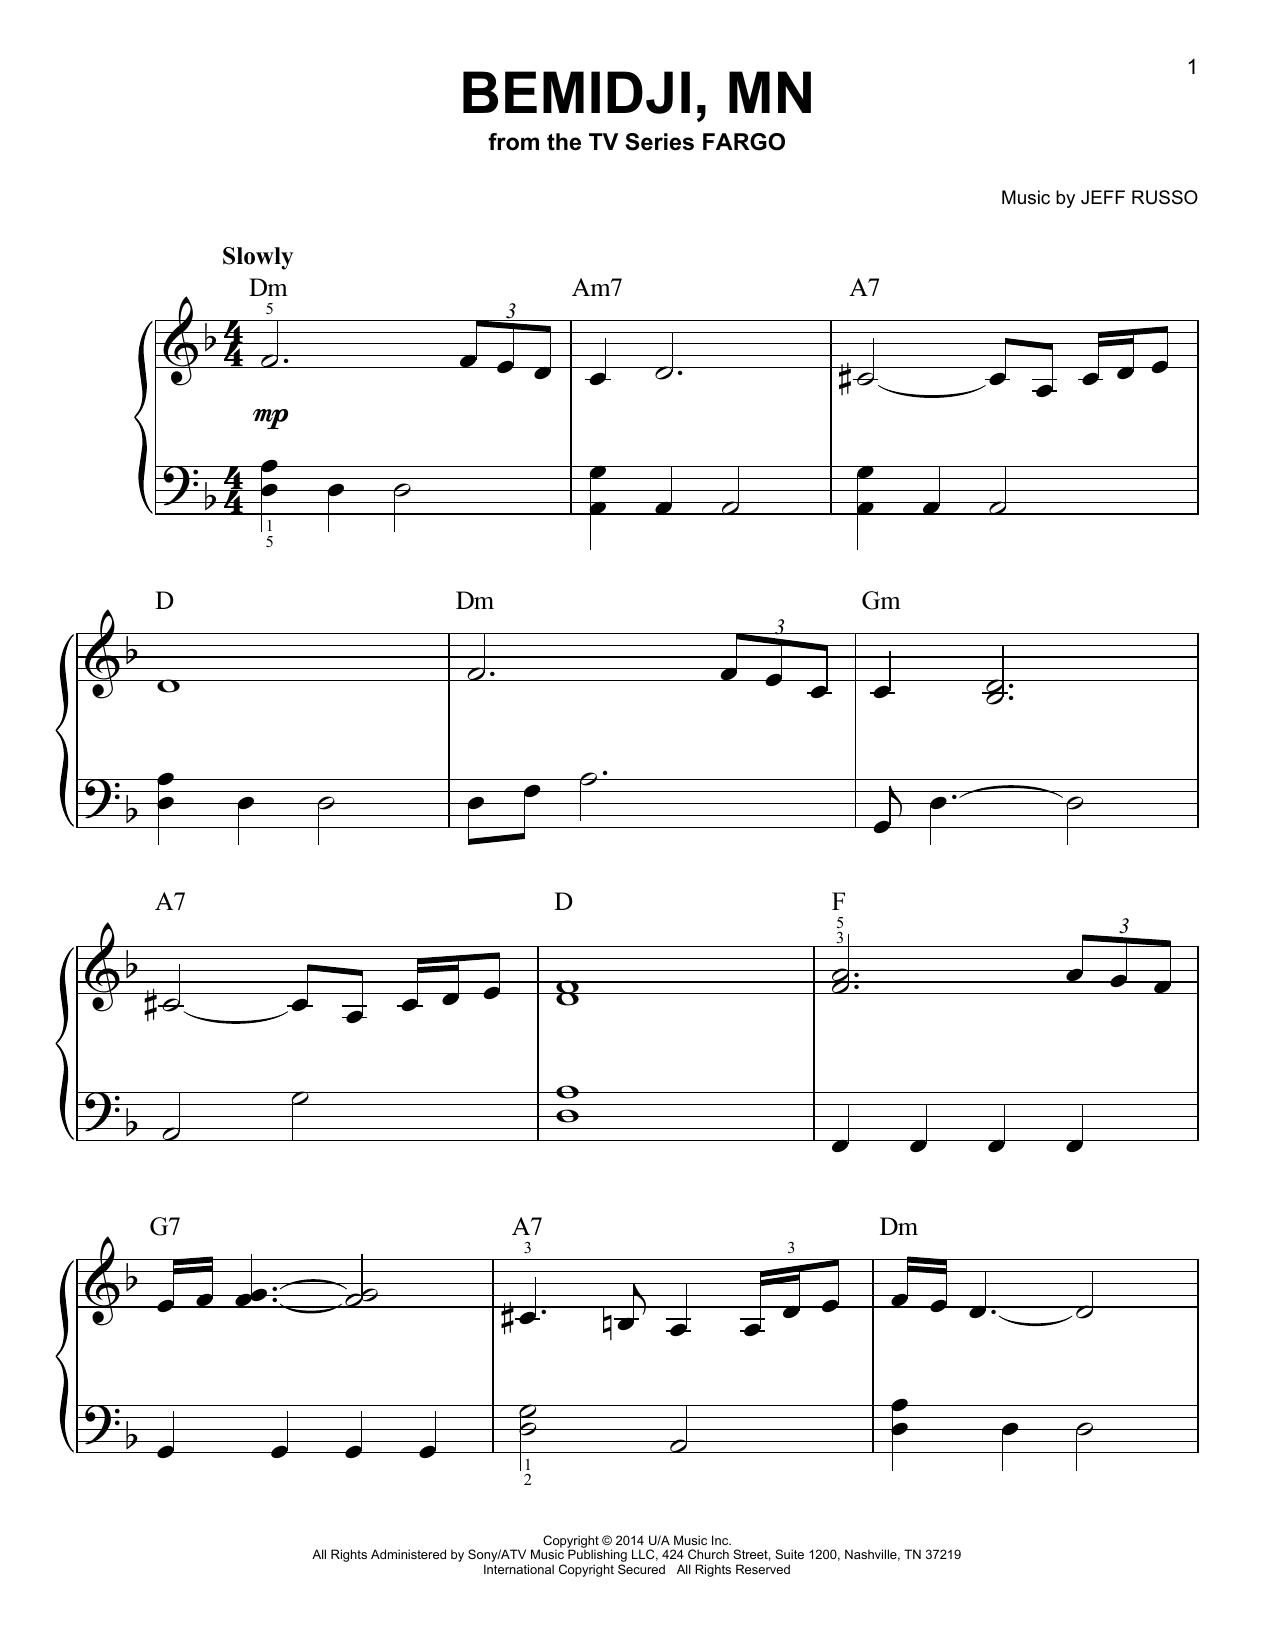 Bemidji, MN (from Fargo) (Very Easy Piano)